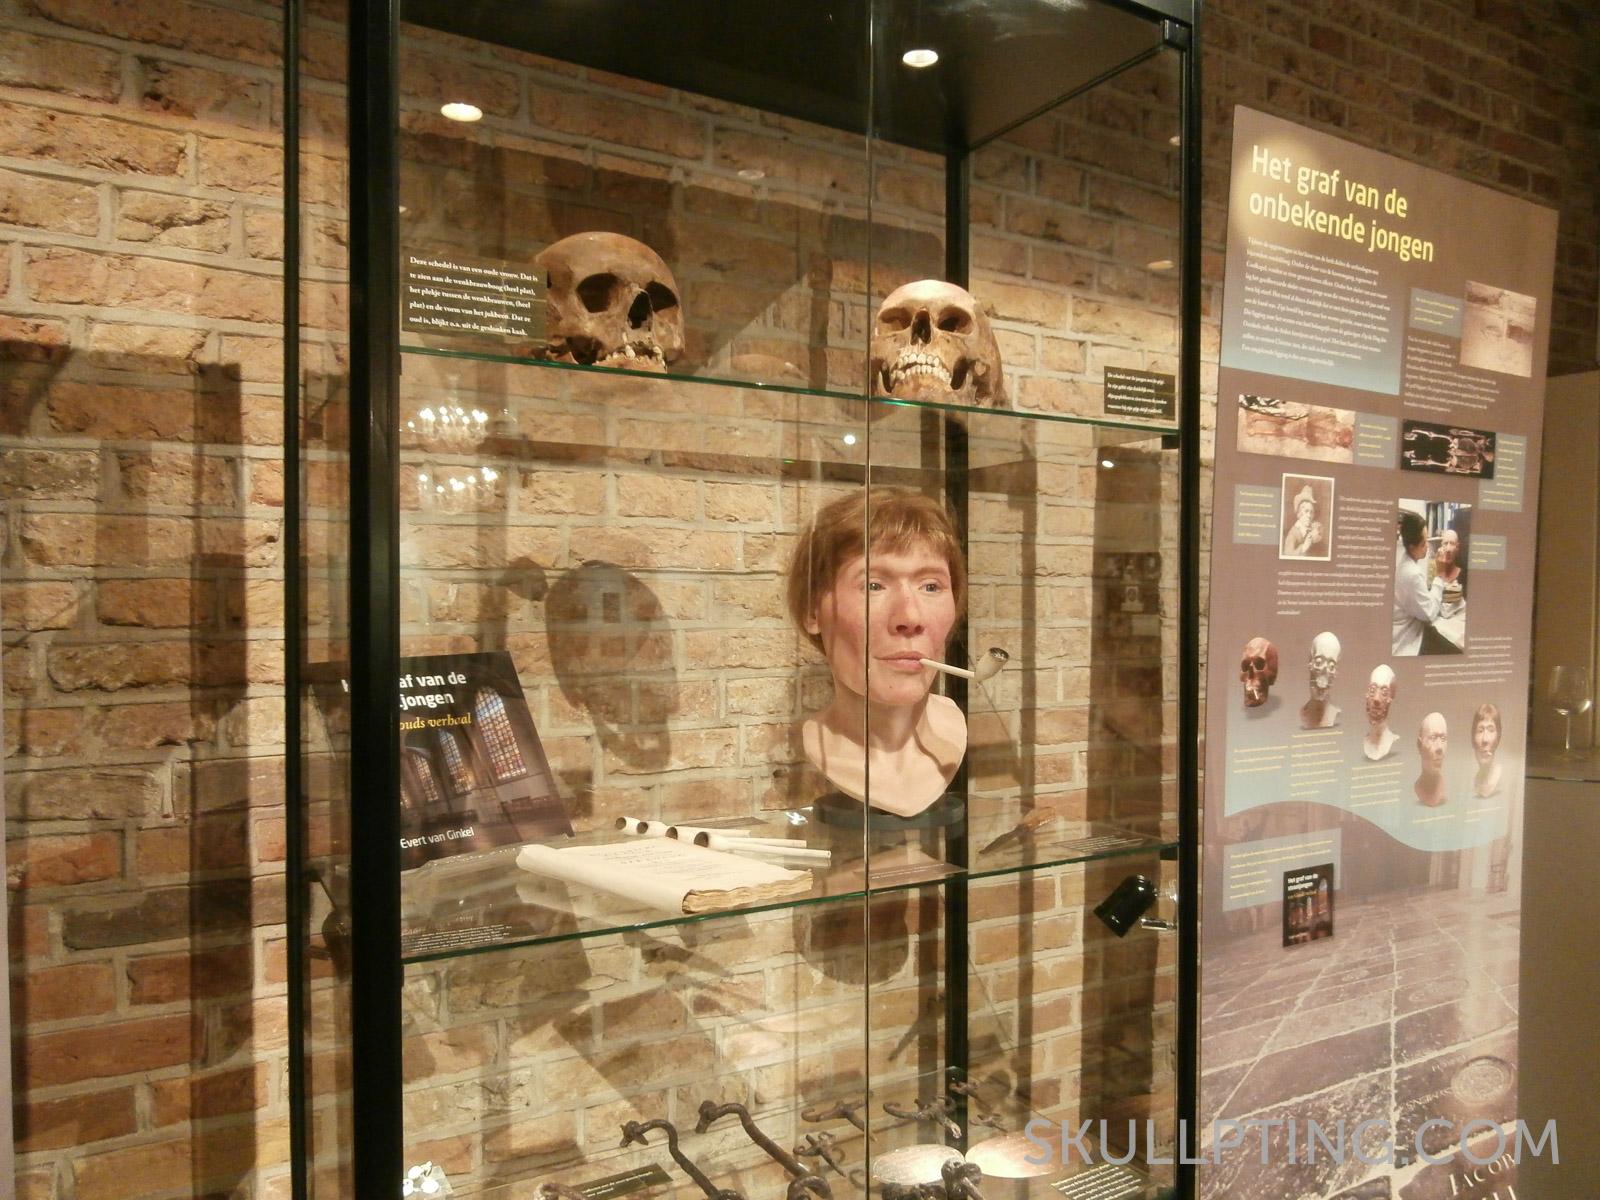 De tentoonstelling in de Sint-Janskerk te Gouda.